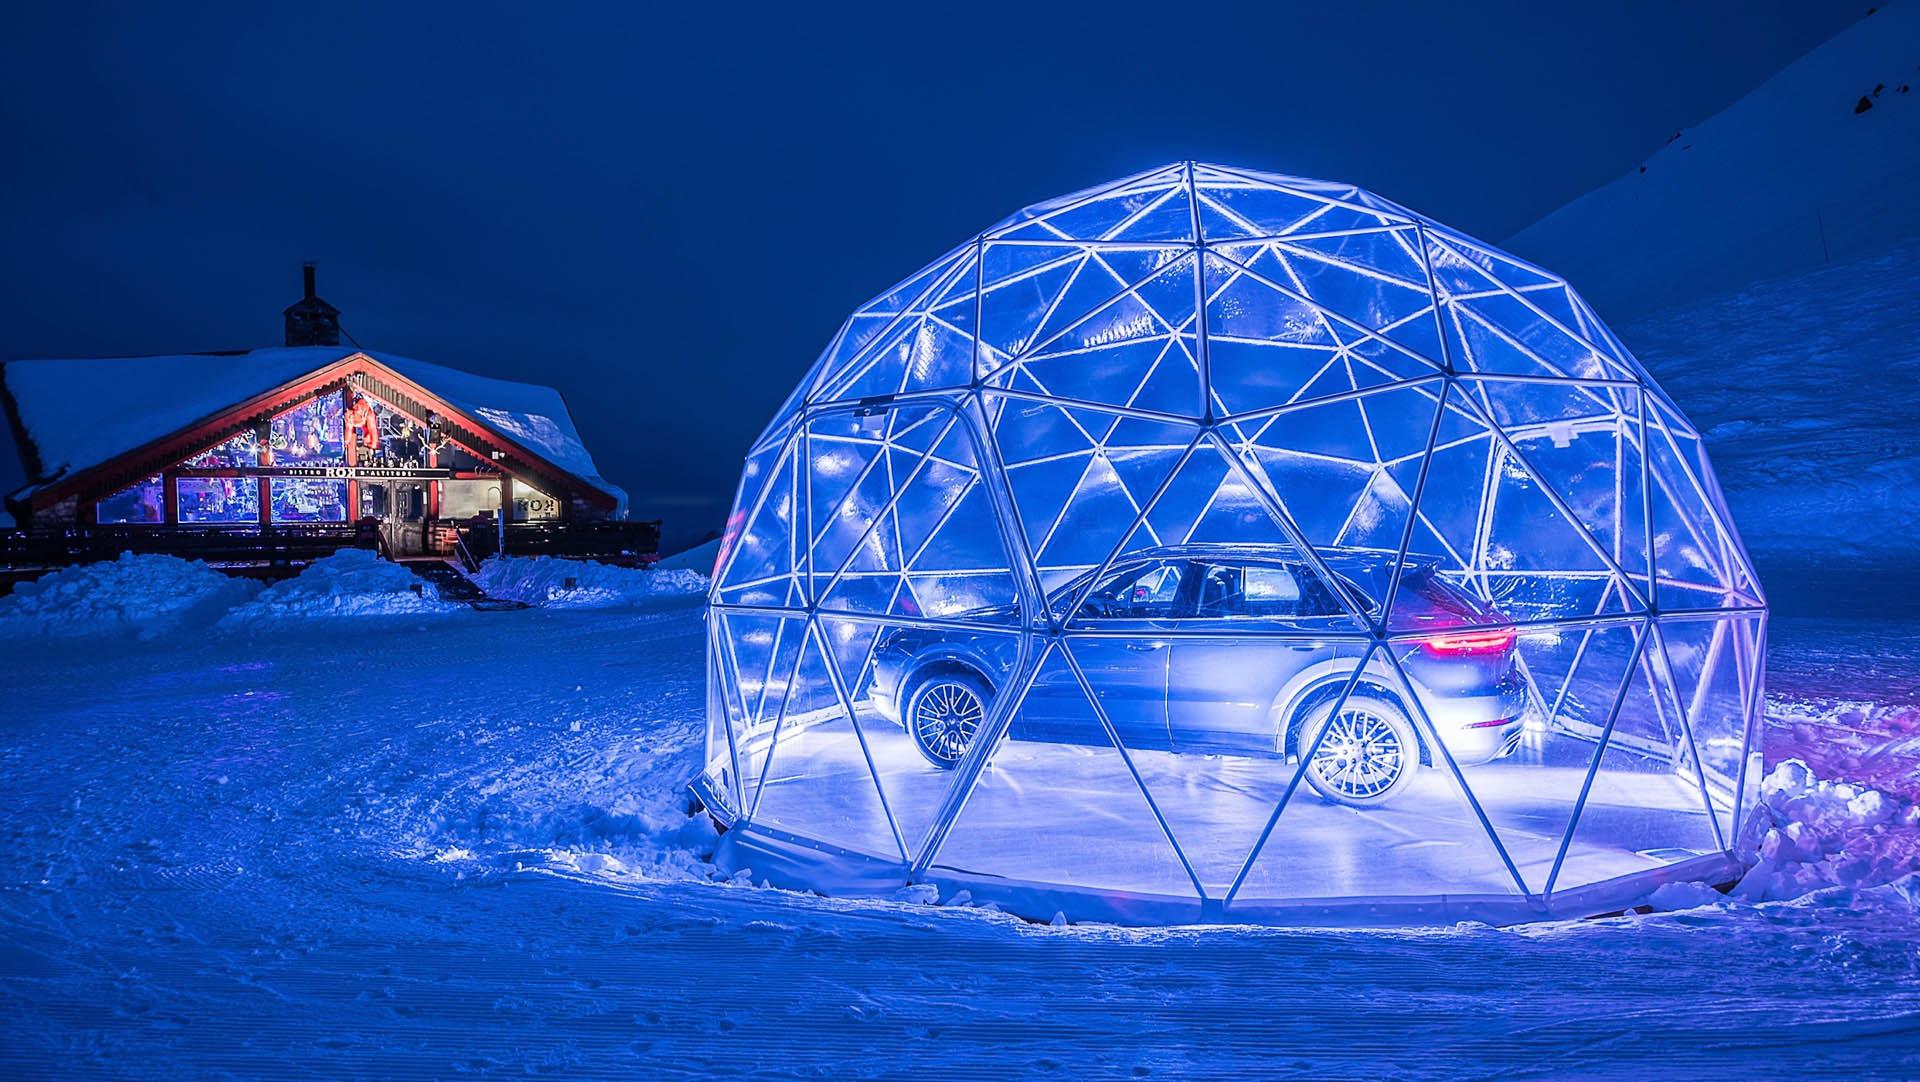 Photo of Σε τι υψόμετρο βρίσκεται το νέο σημείο πώλησης Porsche;